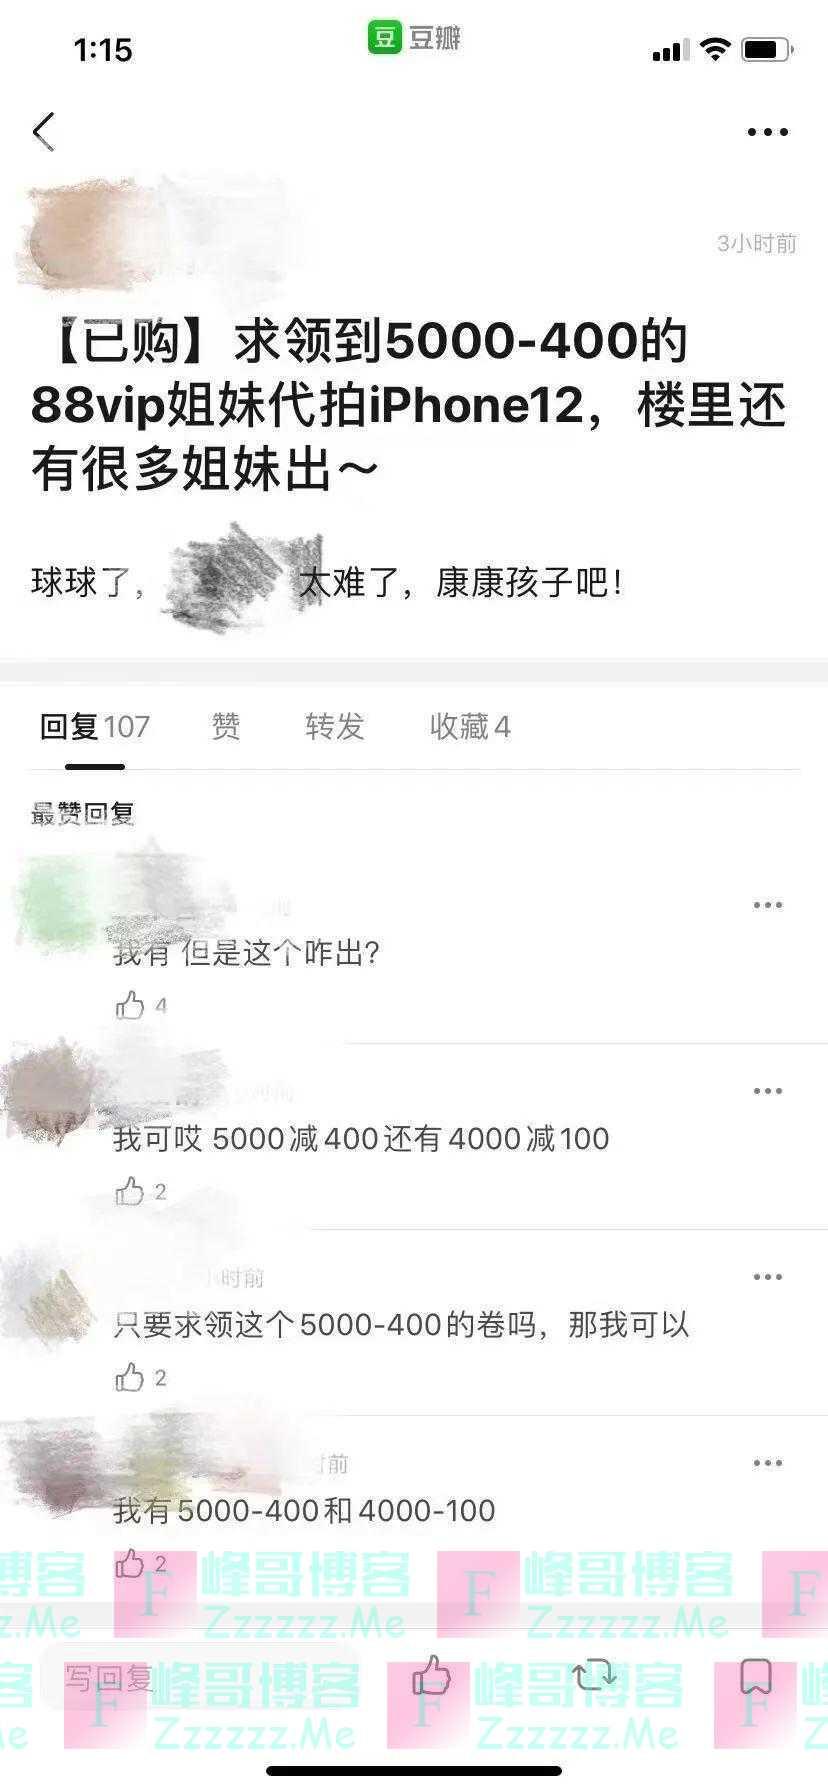 买iPhone便宜1610元?!618付尾款,网友纷纷临时抱佛脚!杭州姑娘急了:还来得及吗